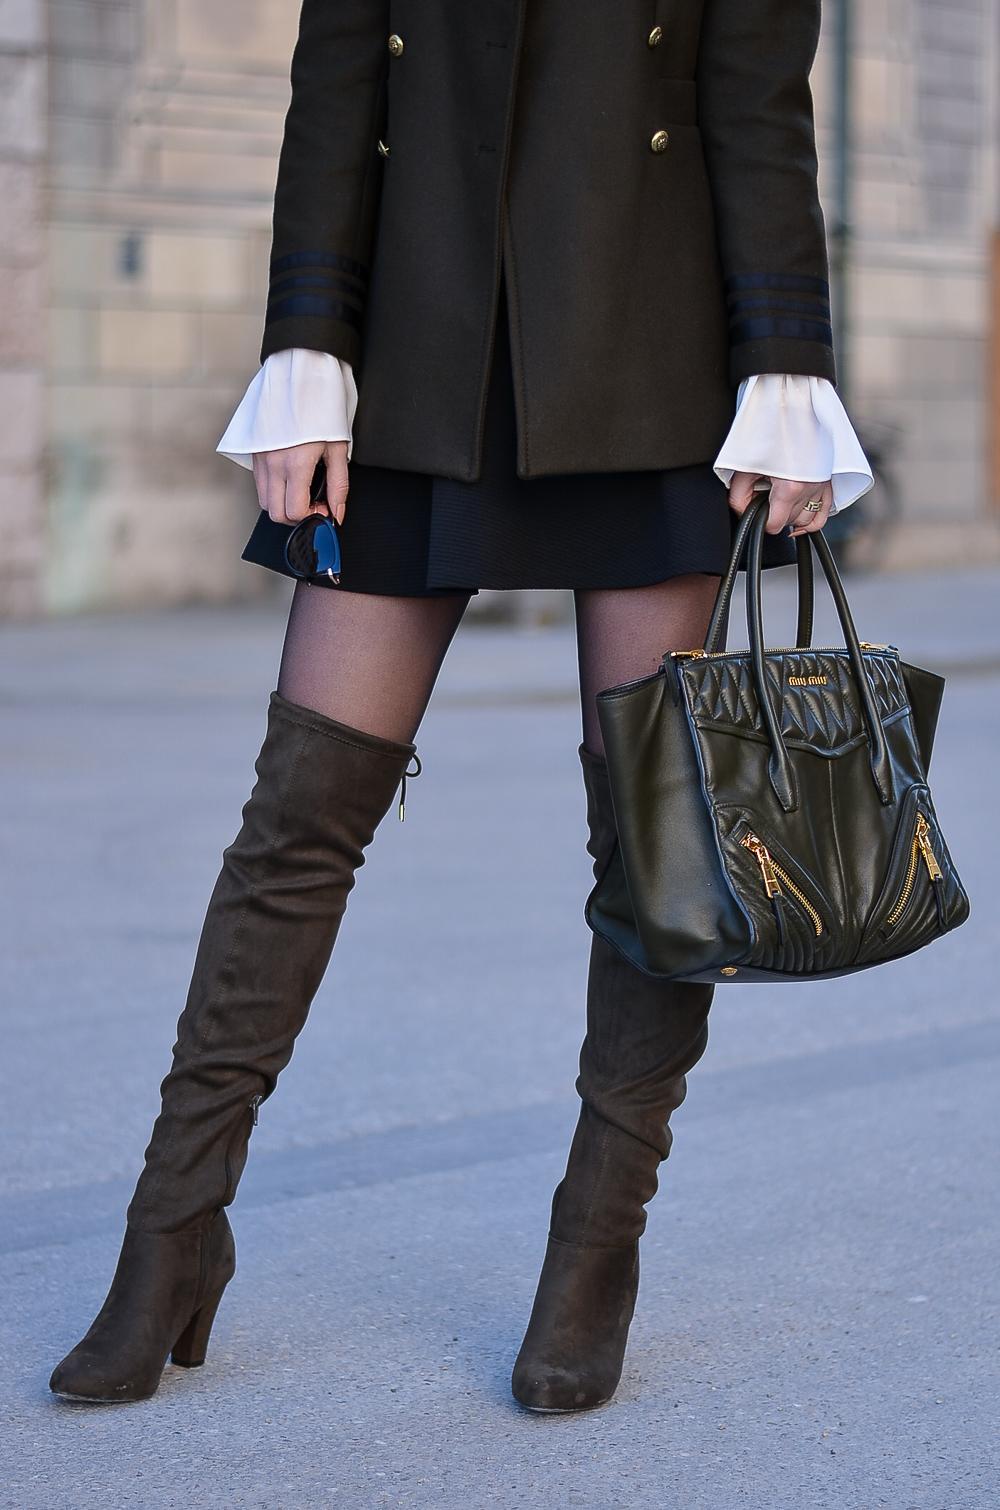 NUR DIE Strumpfhose Kampagne-1 Monat ohne Hose-Overknees-Elegant & Sicher schwarz 20 den-Rock-Military Jacket-Miu Miu Handtasche